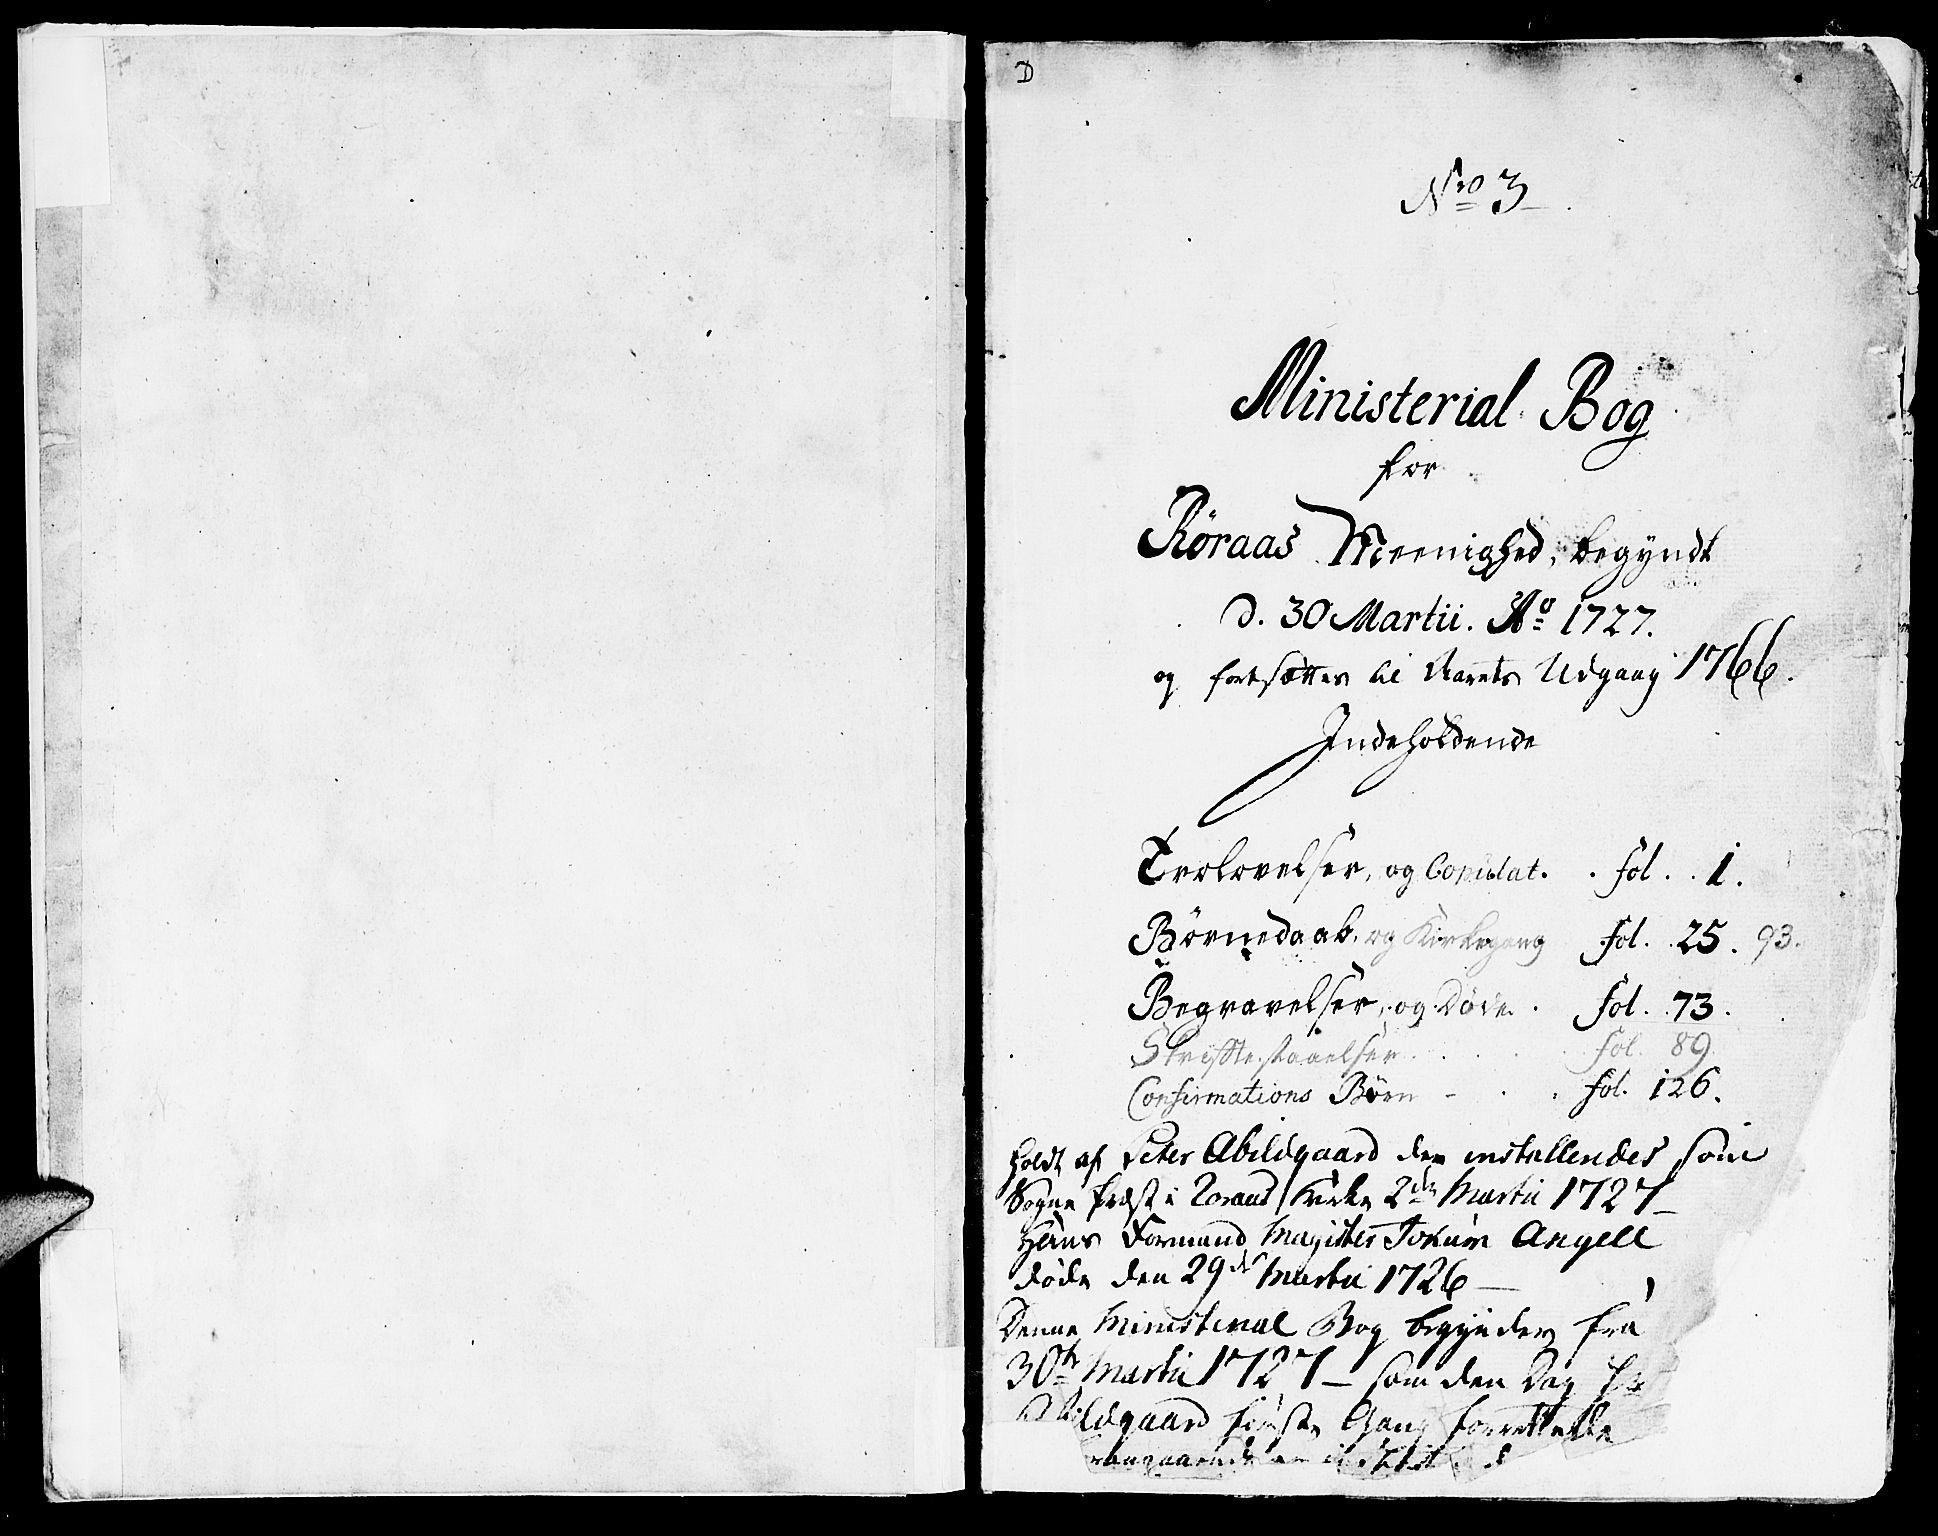 SAT, Ministerialprotokoller, klokkerbøker og fødselsregistre - Sør-Trøndelag, 681/L0925: Ministerialbok nr. 681A03, 1727-1766